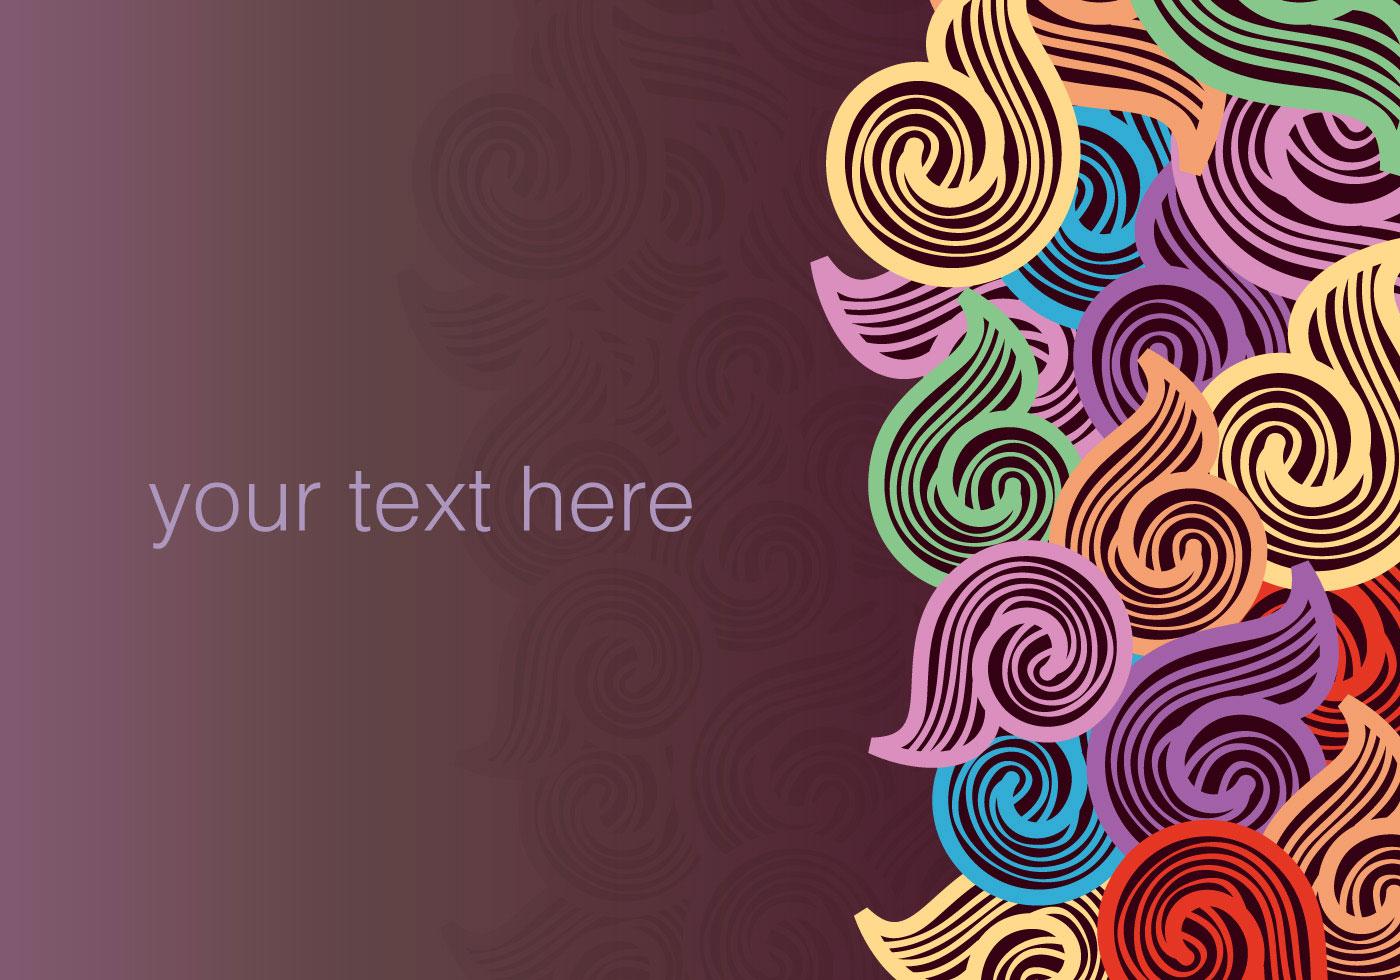 Doodle Wallpaper Free Vector Art 2 552 Free Downloads